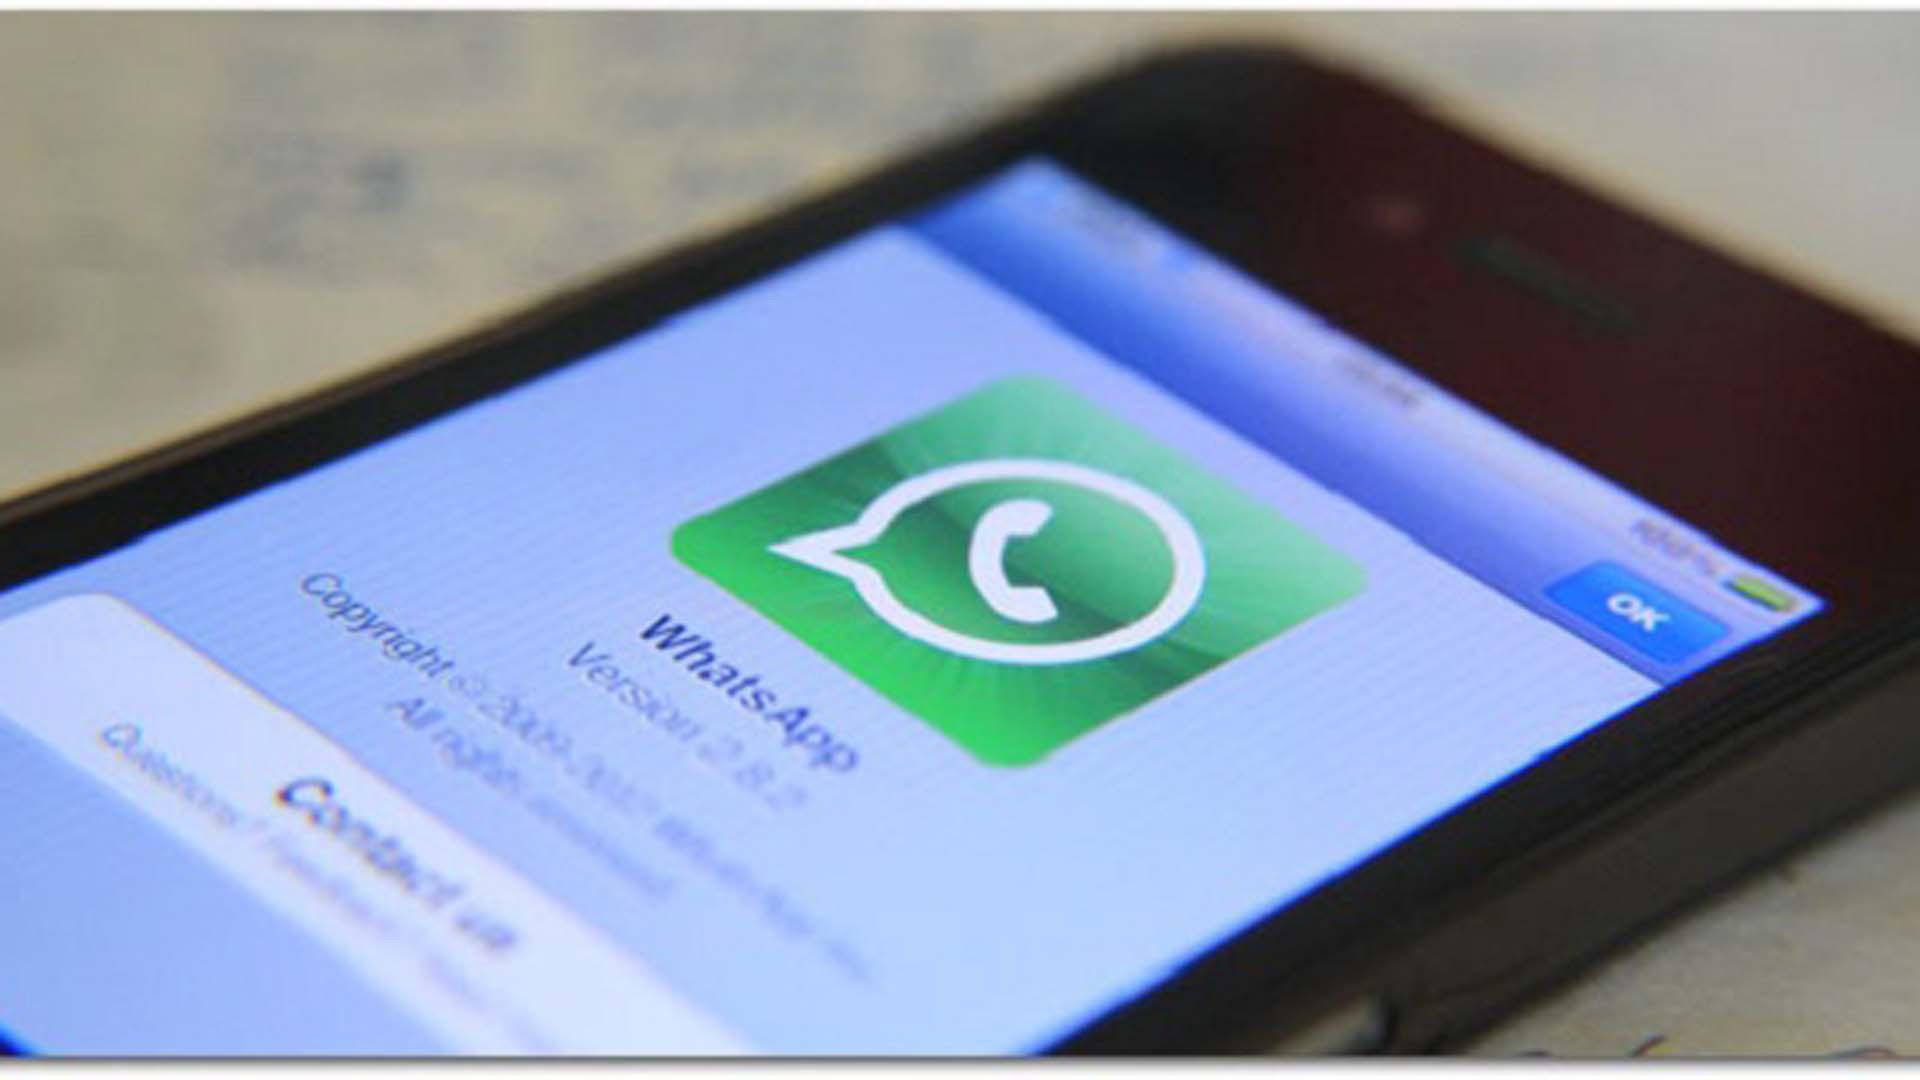 Esta alternativa servirá para recuperar contactos perdidos y expandir el alcance de la mensajería instantánea